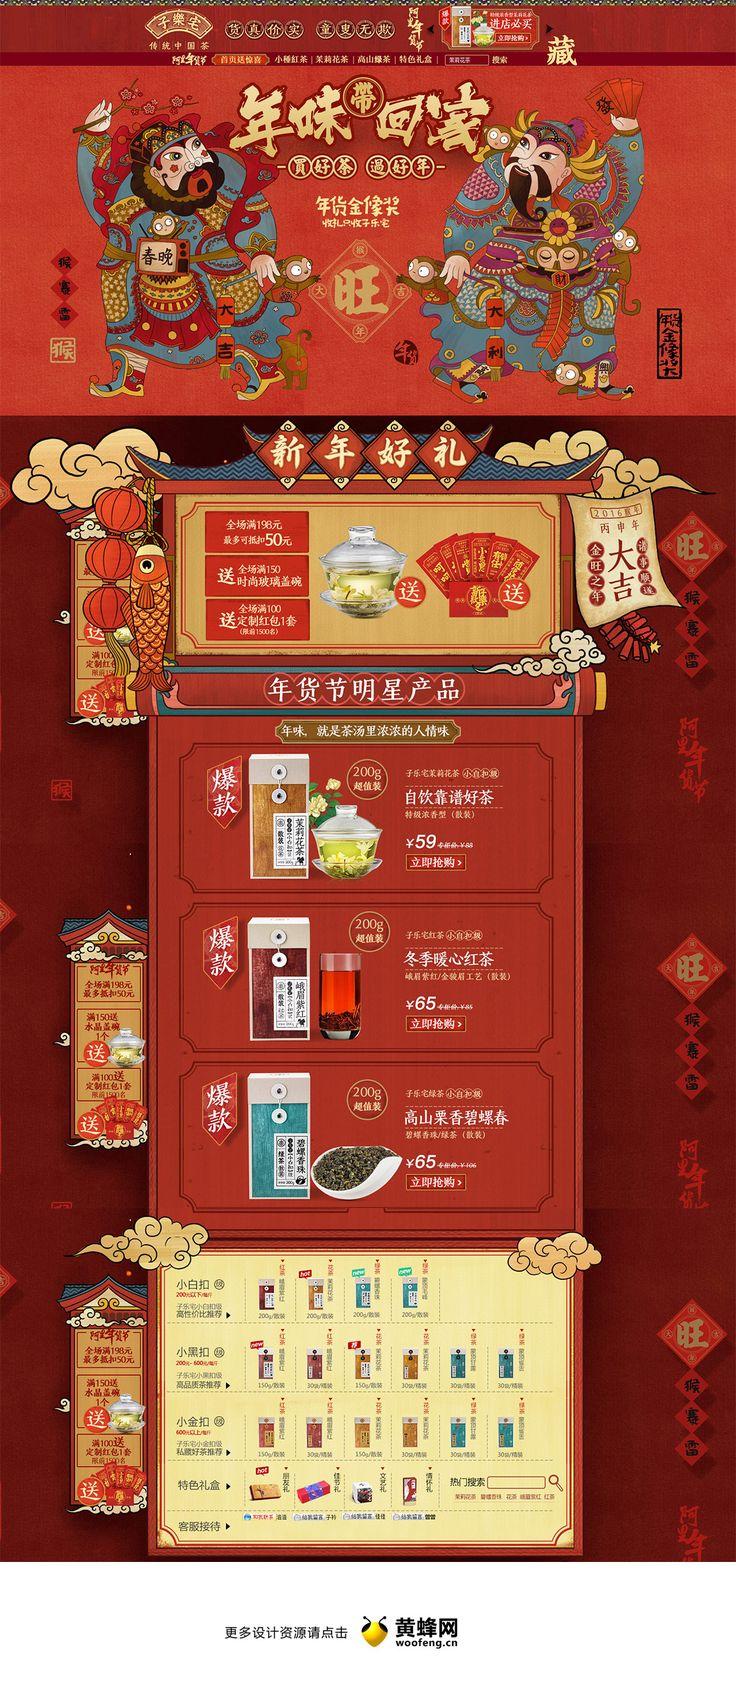 子乐宅茶叶店铺新年活动专题,来源自黄蜂网http://woofeng.cn/